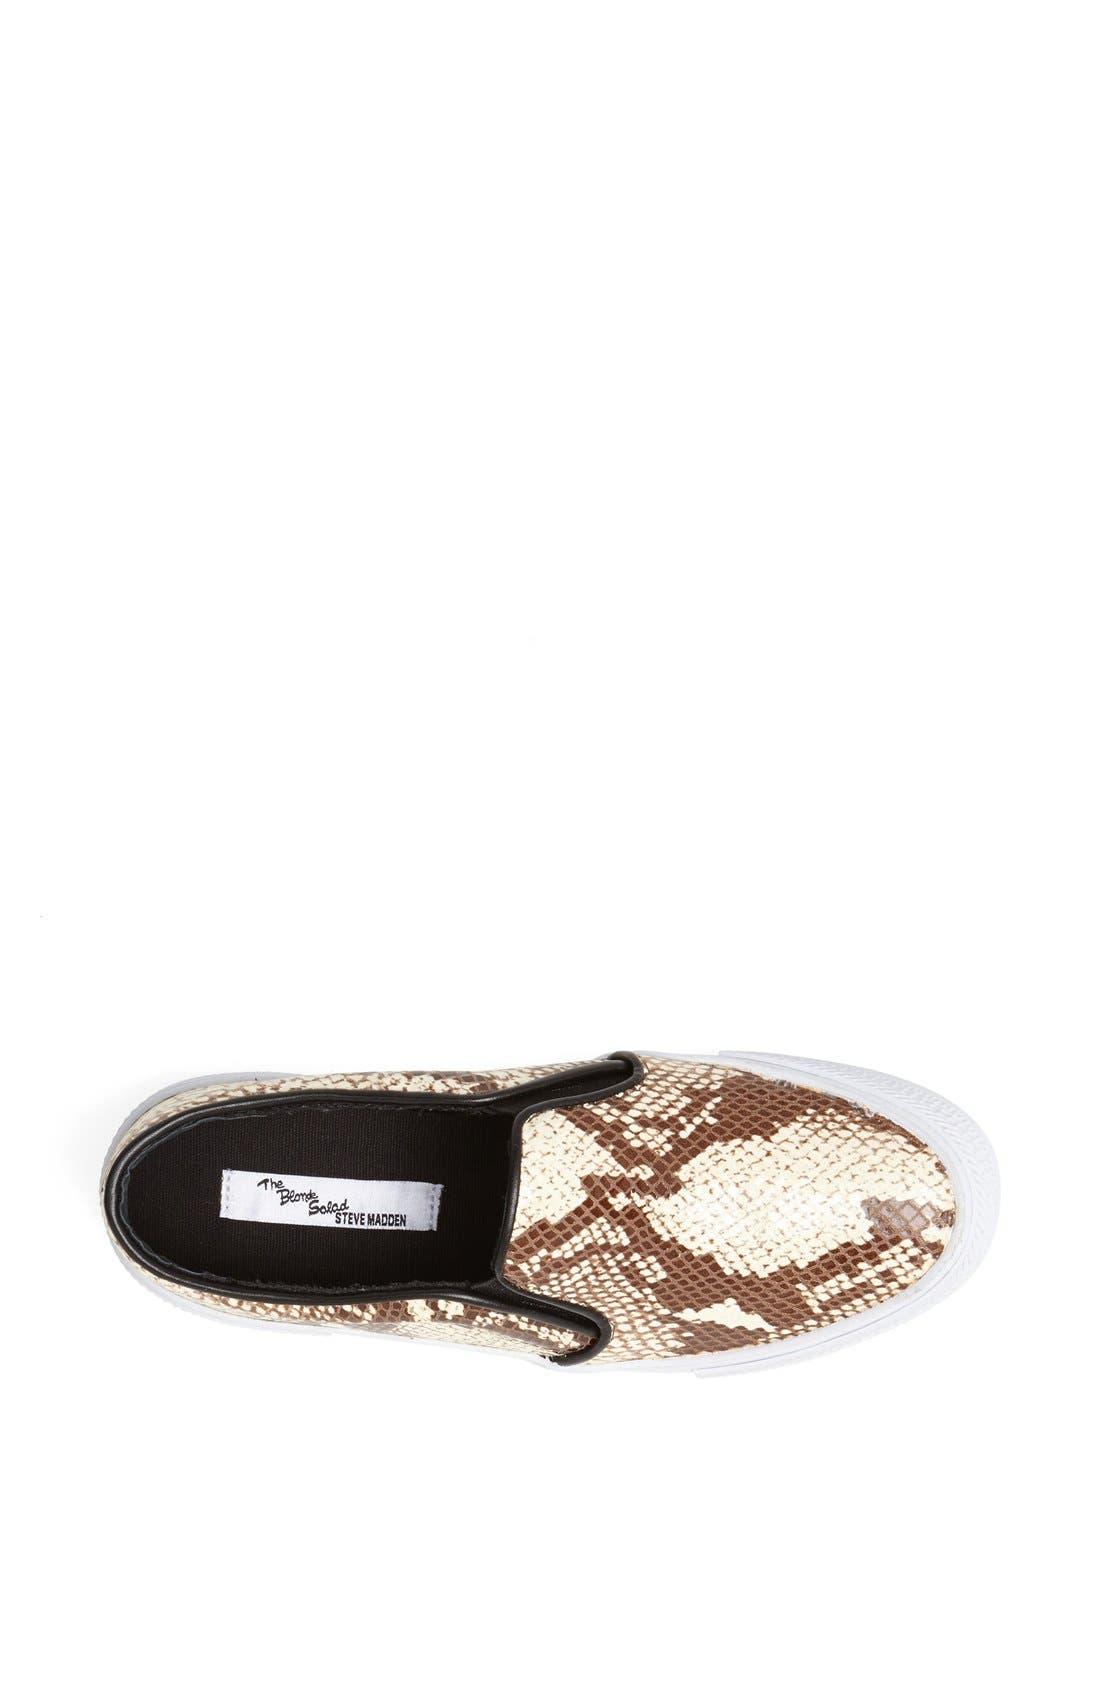 Alternate Image 3  - The Blonde Salad x Steve Madden 'NYC' Snake Embossed Leather Platform Sneaker